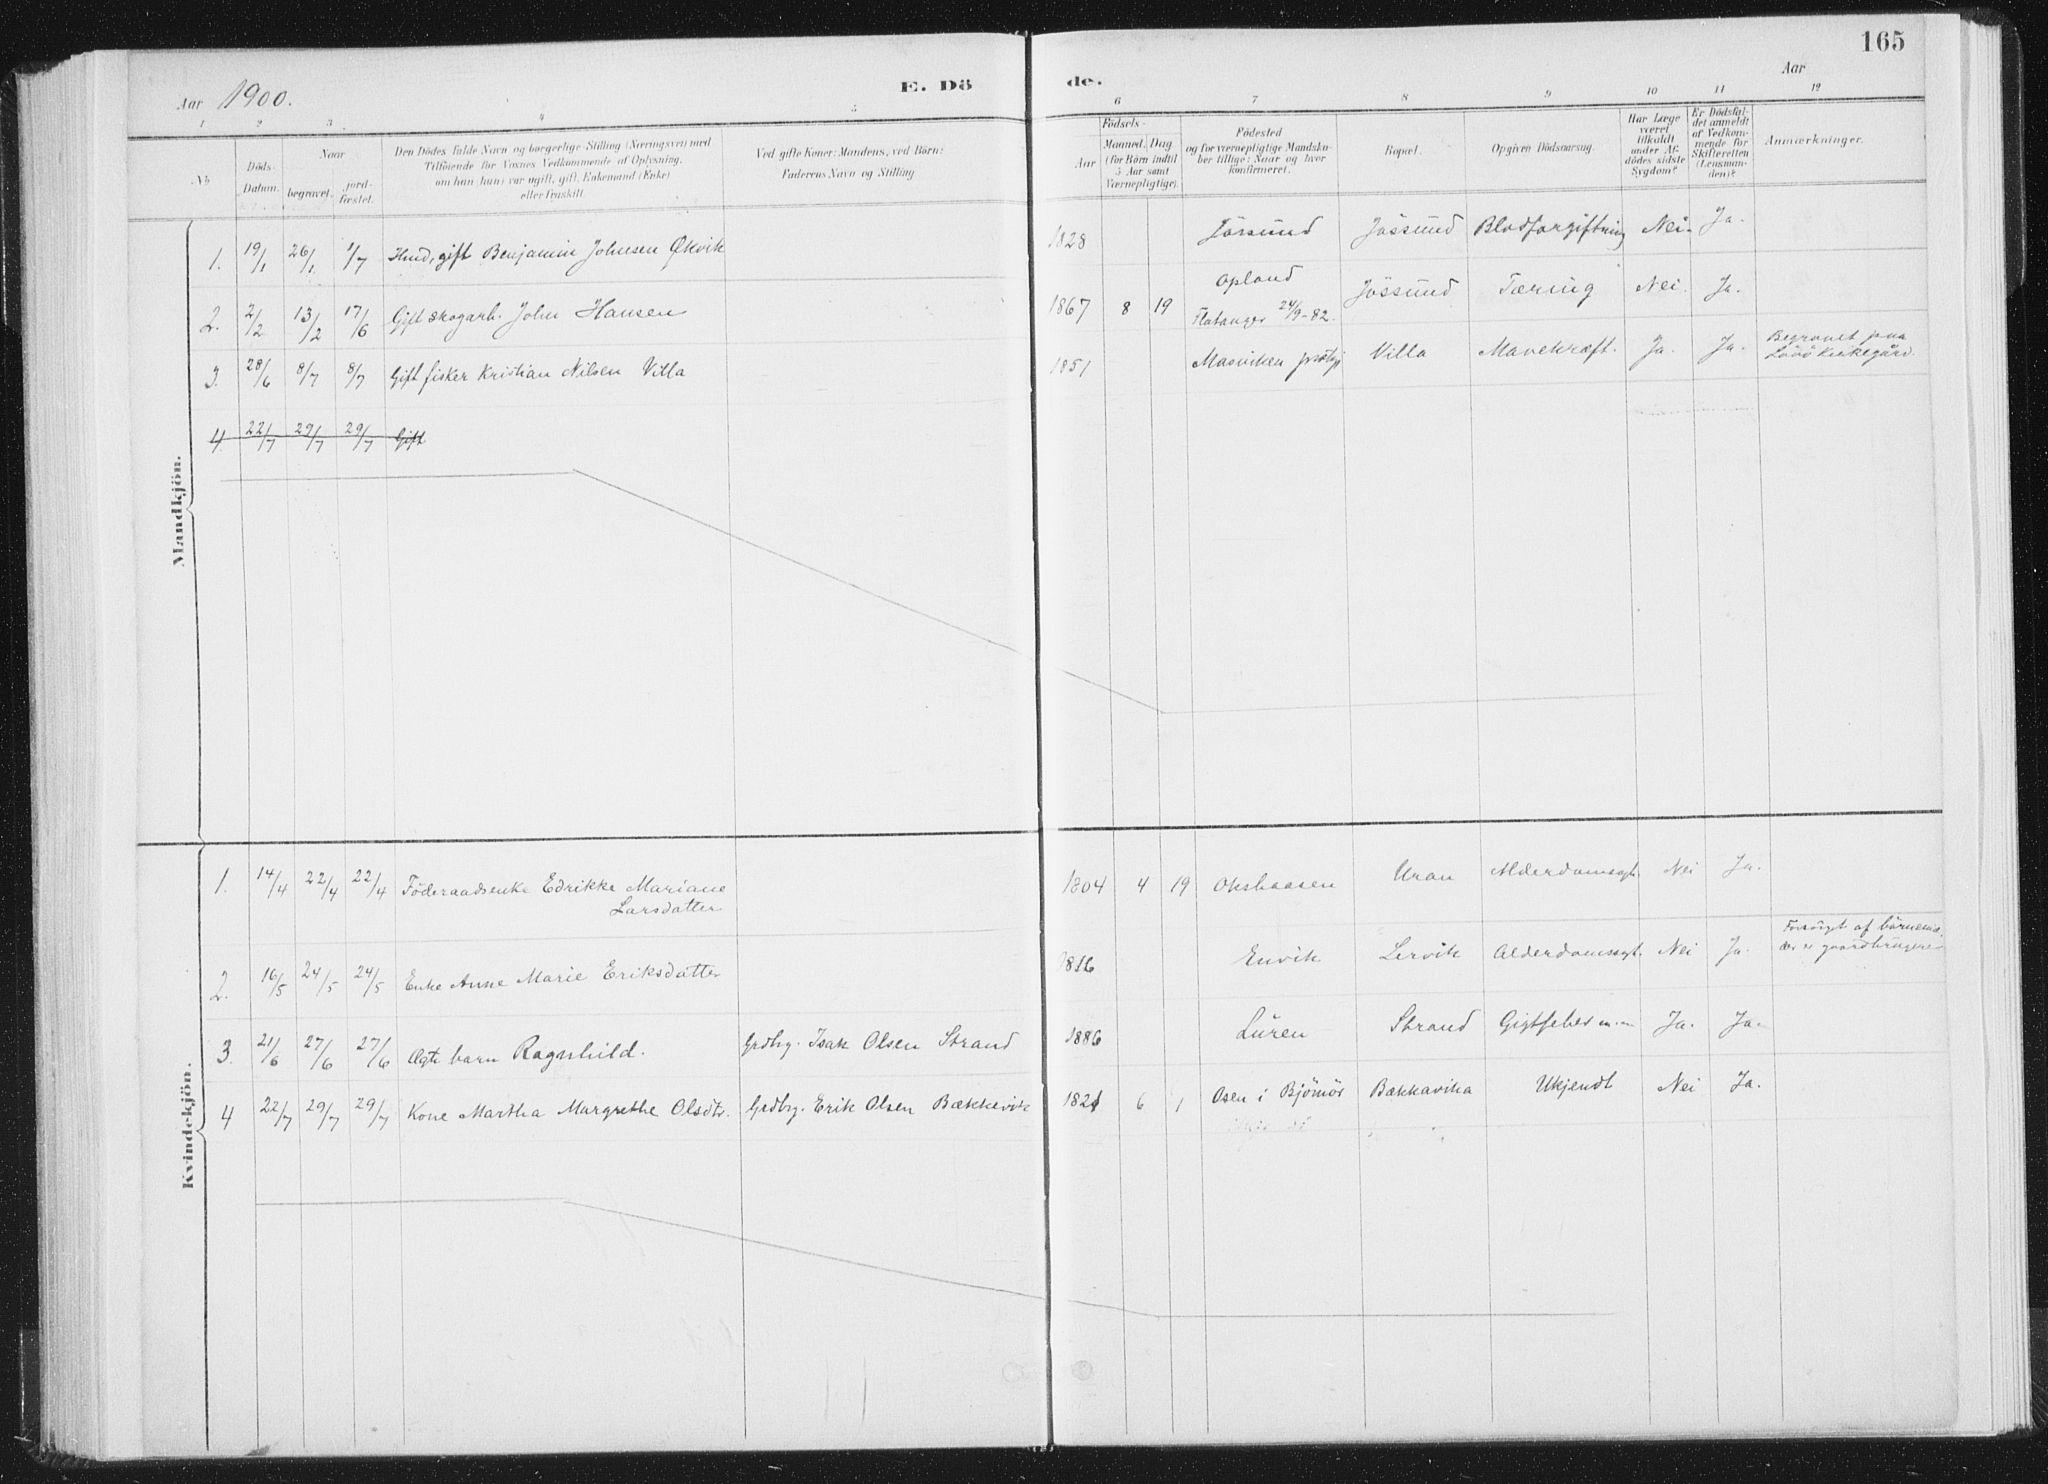 SAT, Ministerialprotokoller, klokkerbøker og fødselsregistre - Nord-Trøndelag, 771/L0597: Ministerialbok nr. 771A04, 1885-1910, s. 165